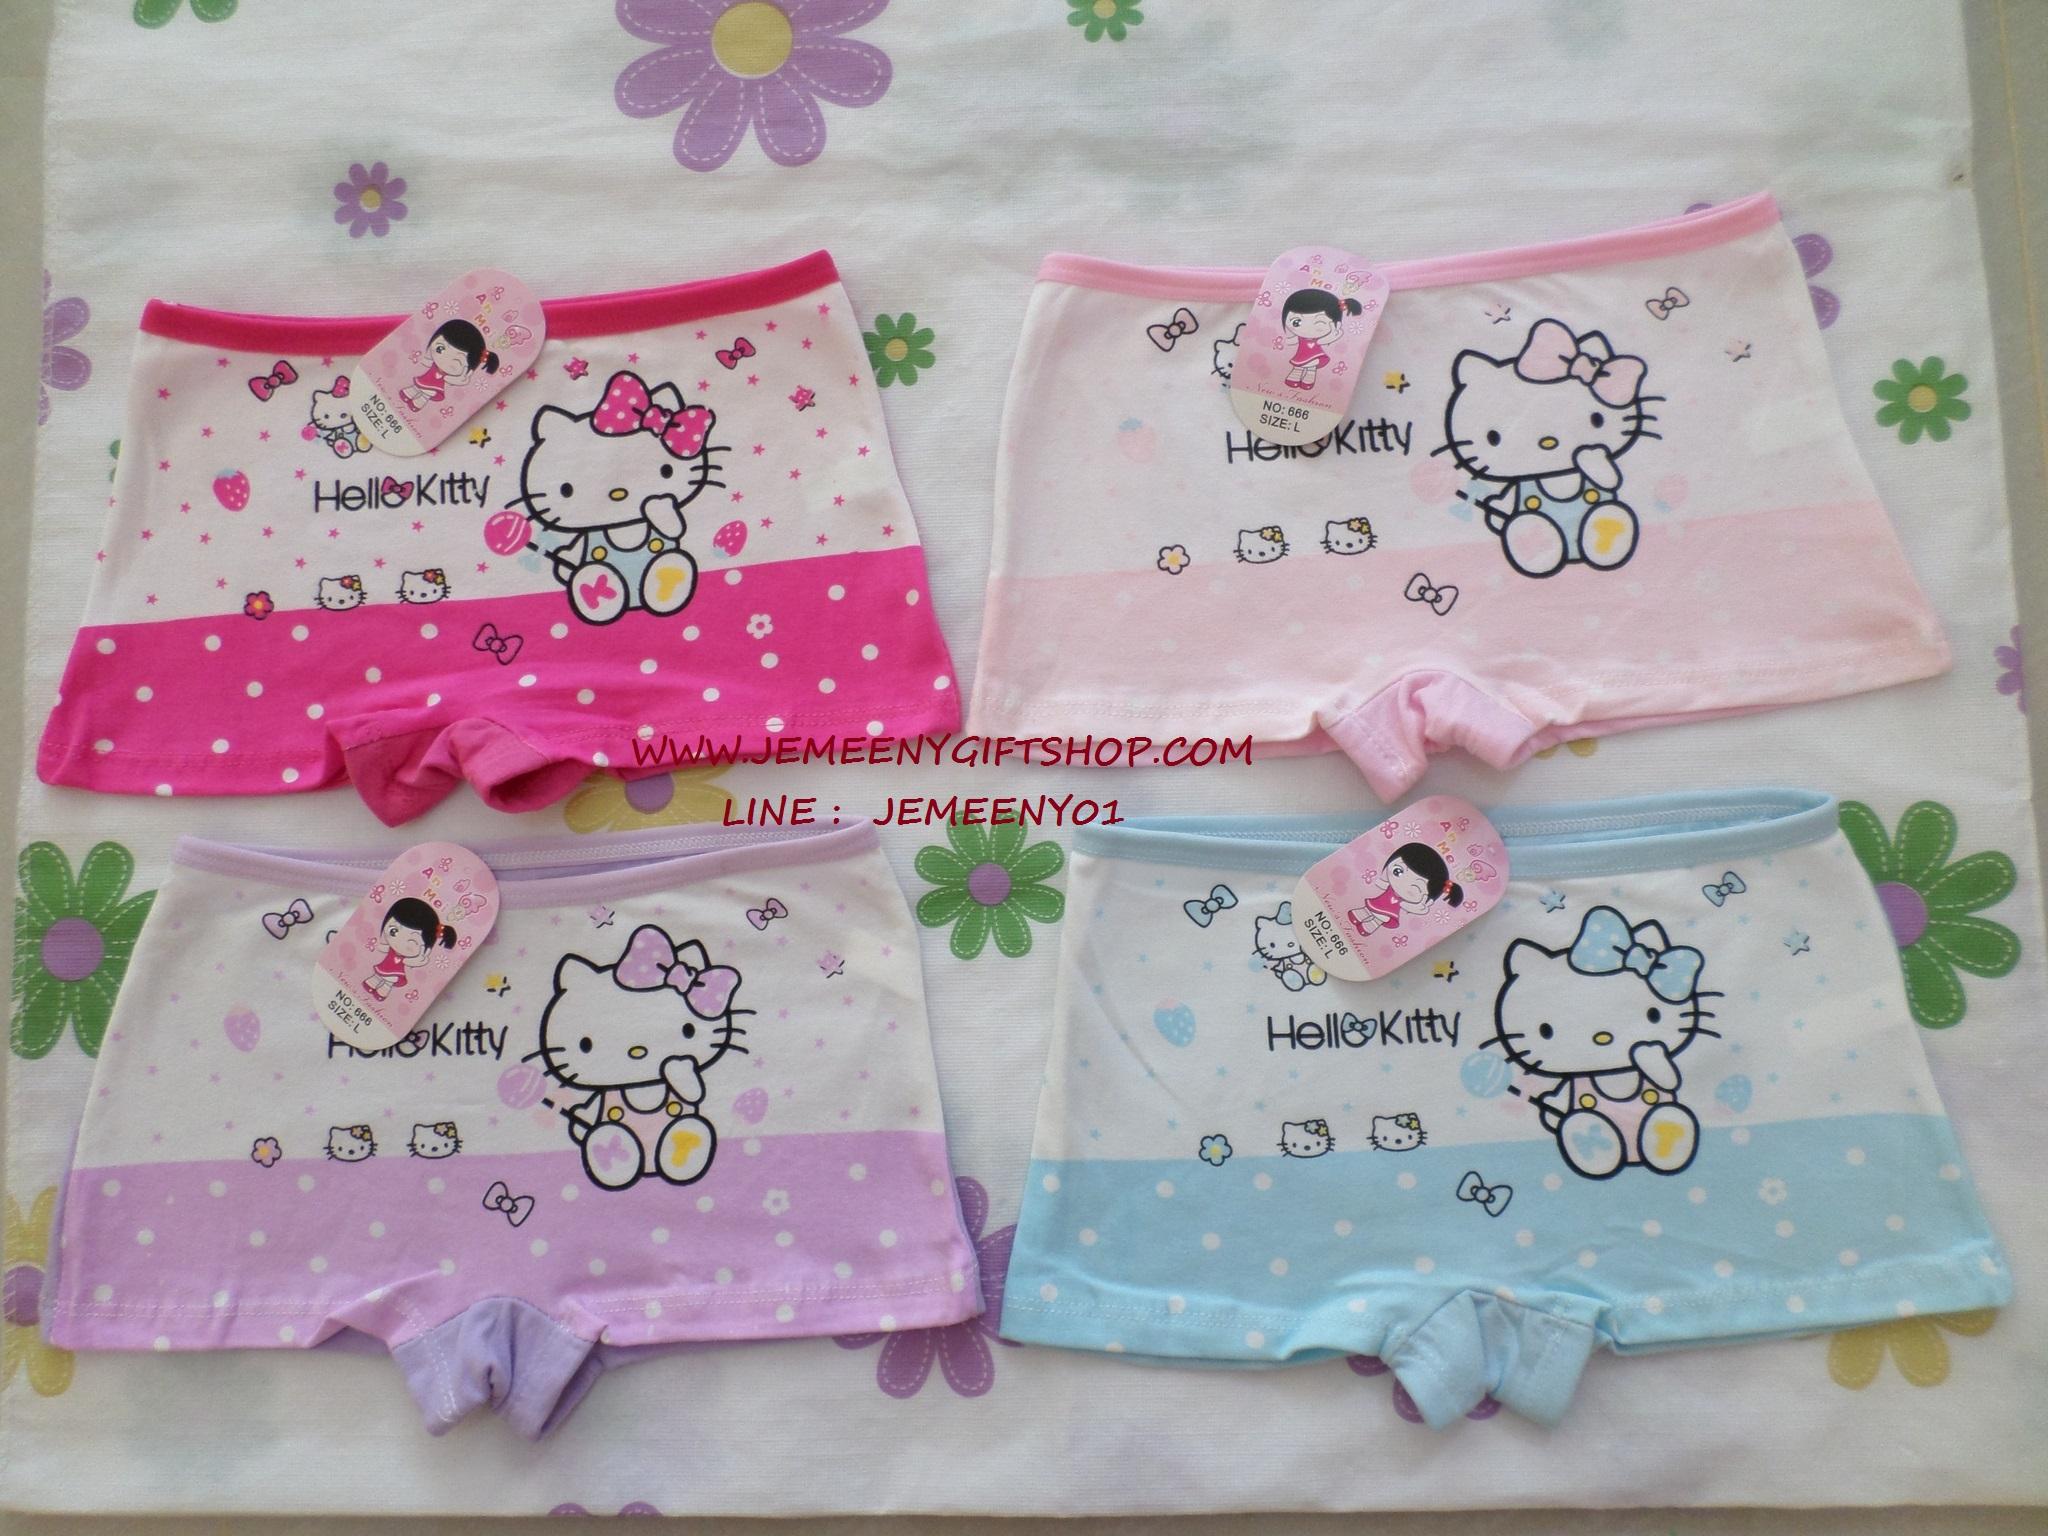 กางเกงชั้นในเด็กแบบขาสั้น ฮัลโหลคิตตี้ Hello kitty#1 size L สำหรับเด็ก 6-8 ขวบ